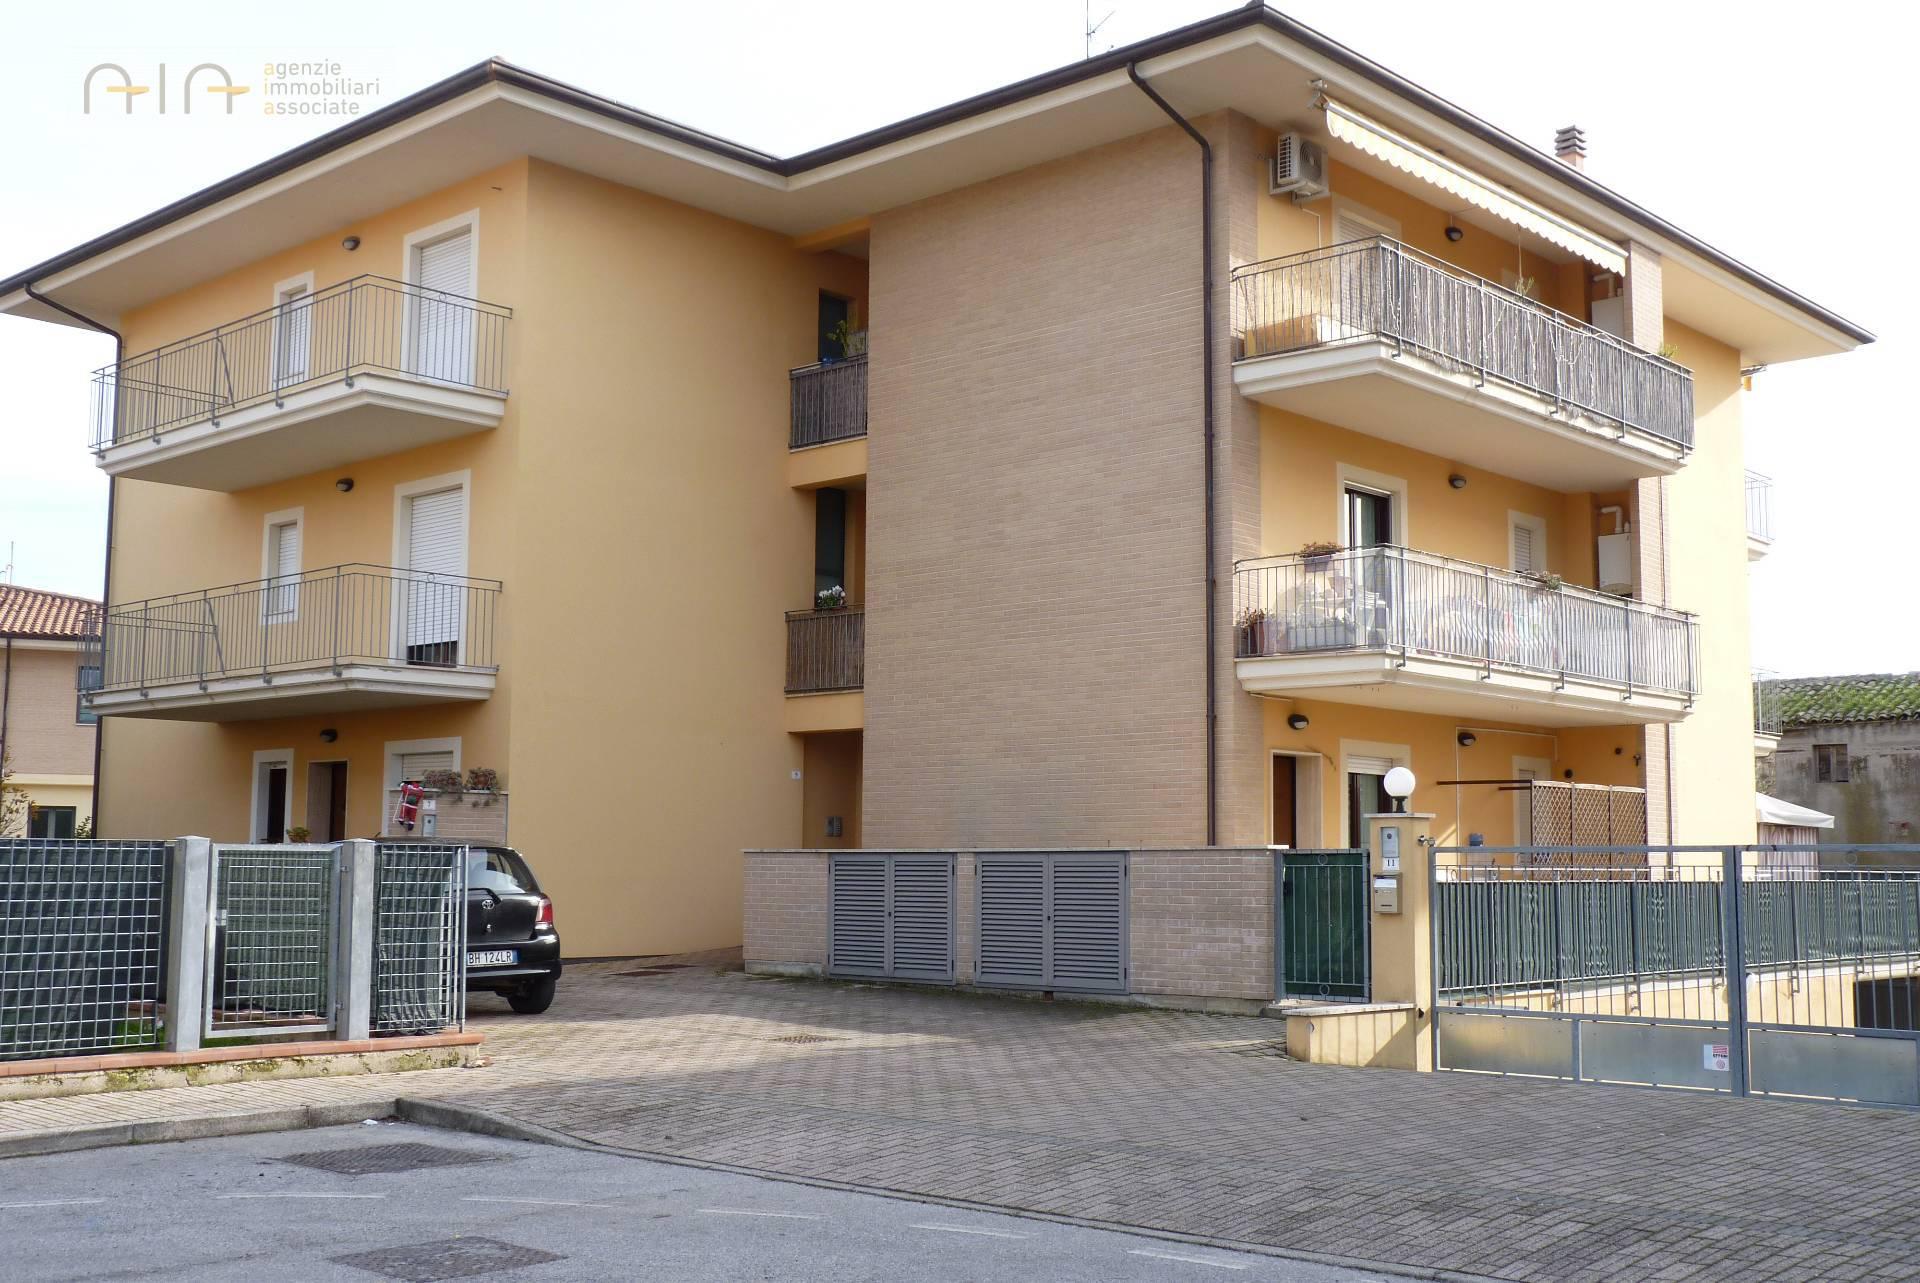 Appartamento in vendita a Monteprandone, 3 locali, zona obuchi, prezzo € 132.000 | PortaleAgenzieImmobiliari.it